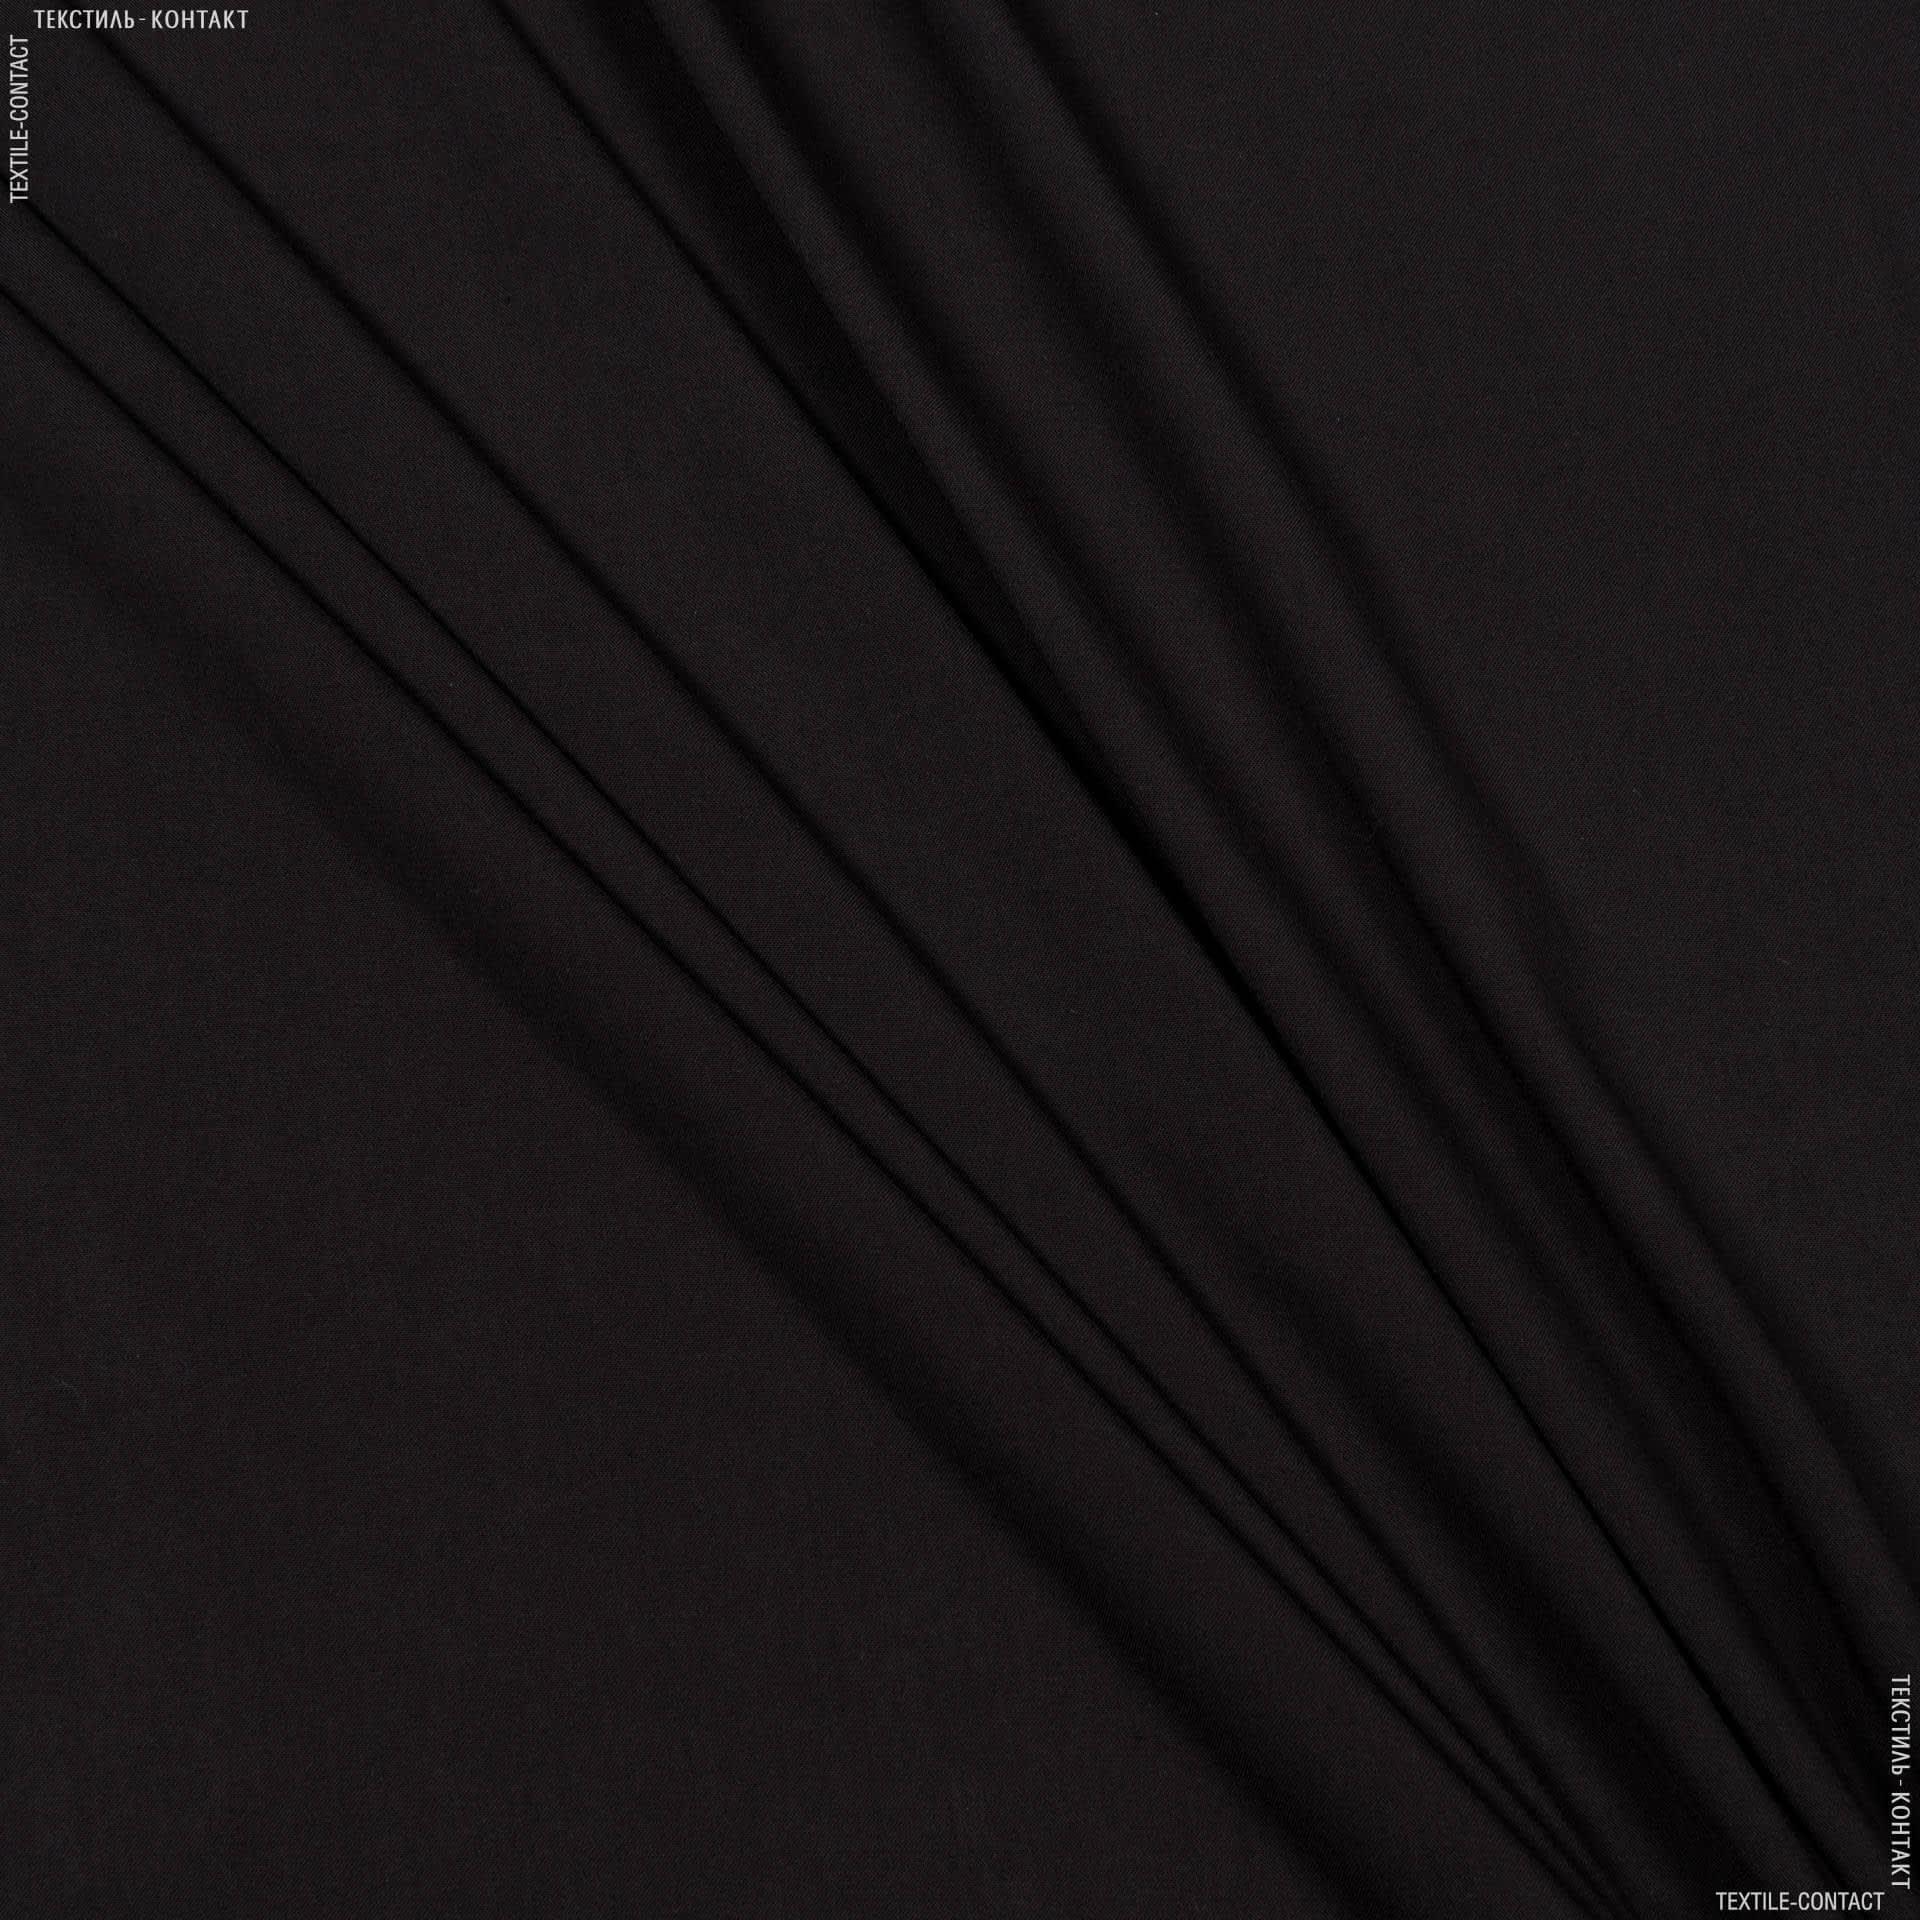 Ткани для платьев - Штапель фалма темно-коричневый